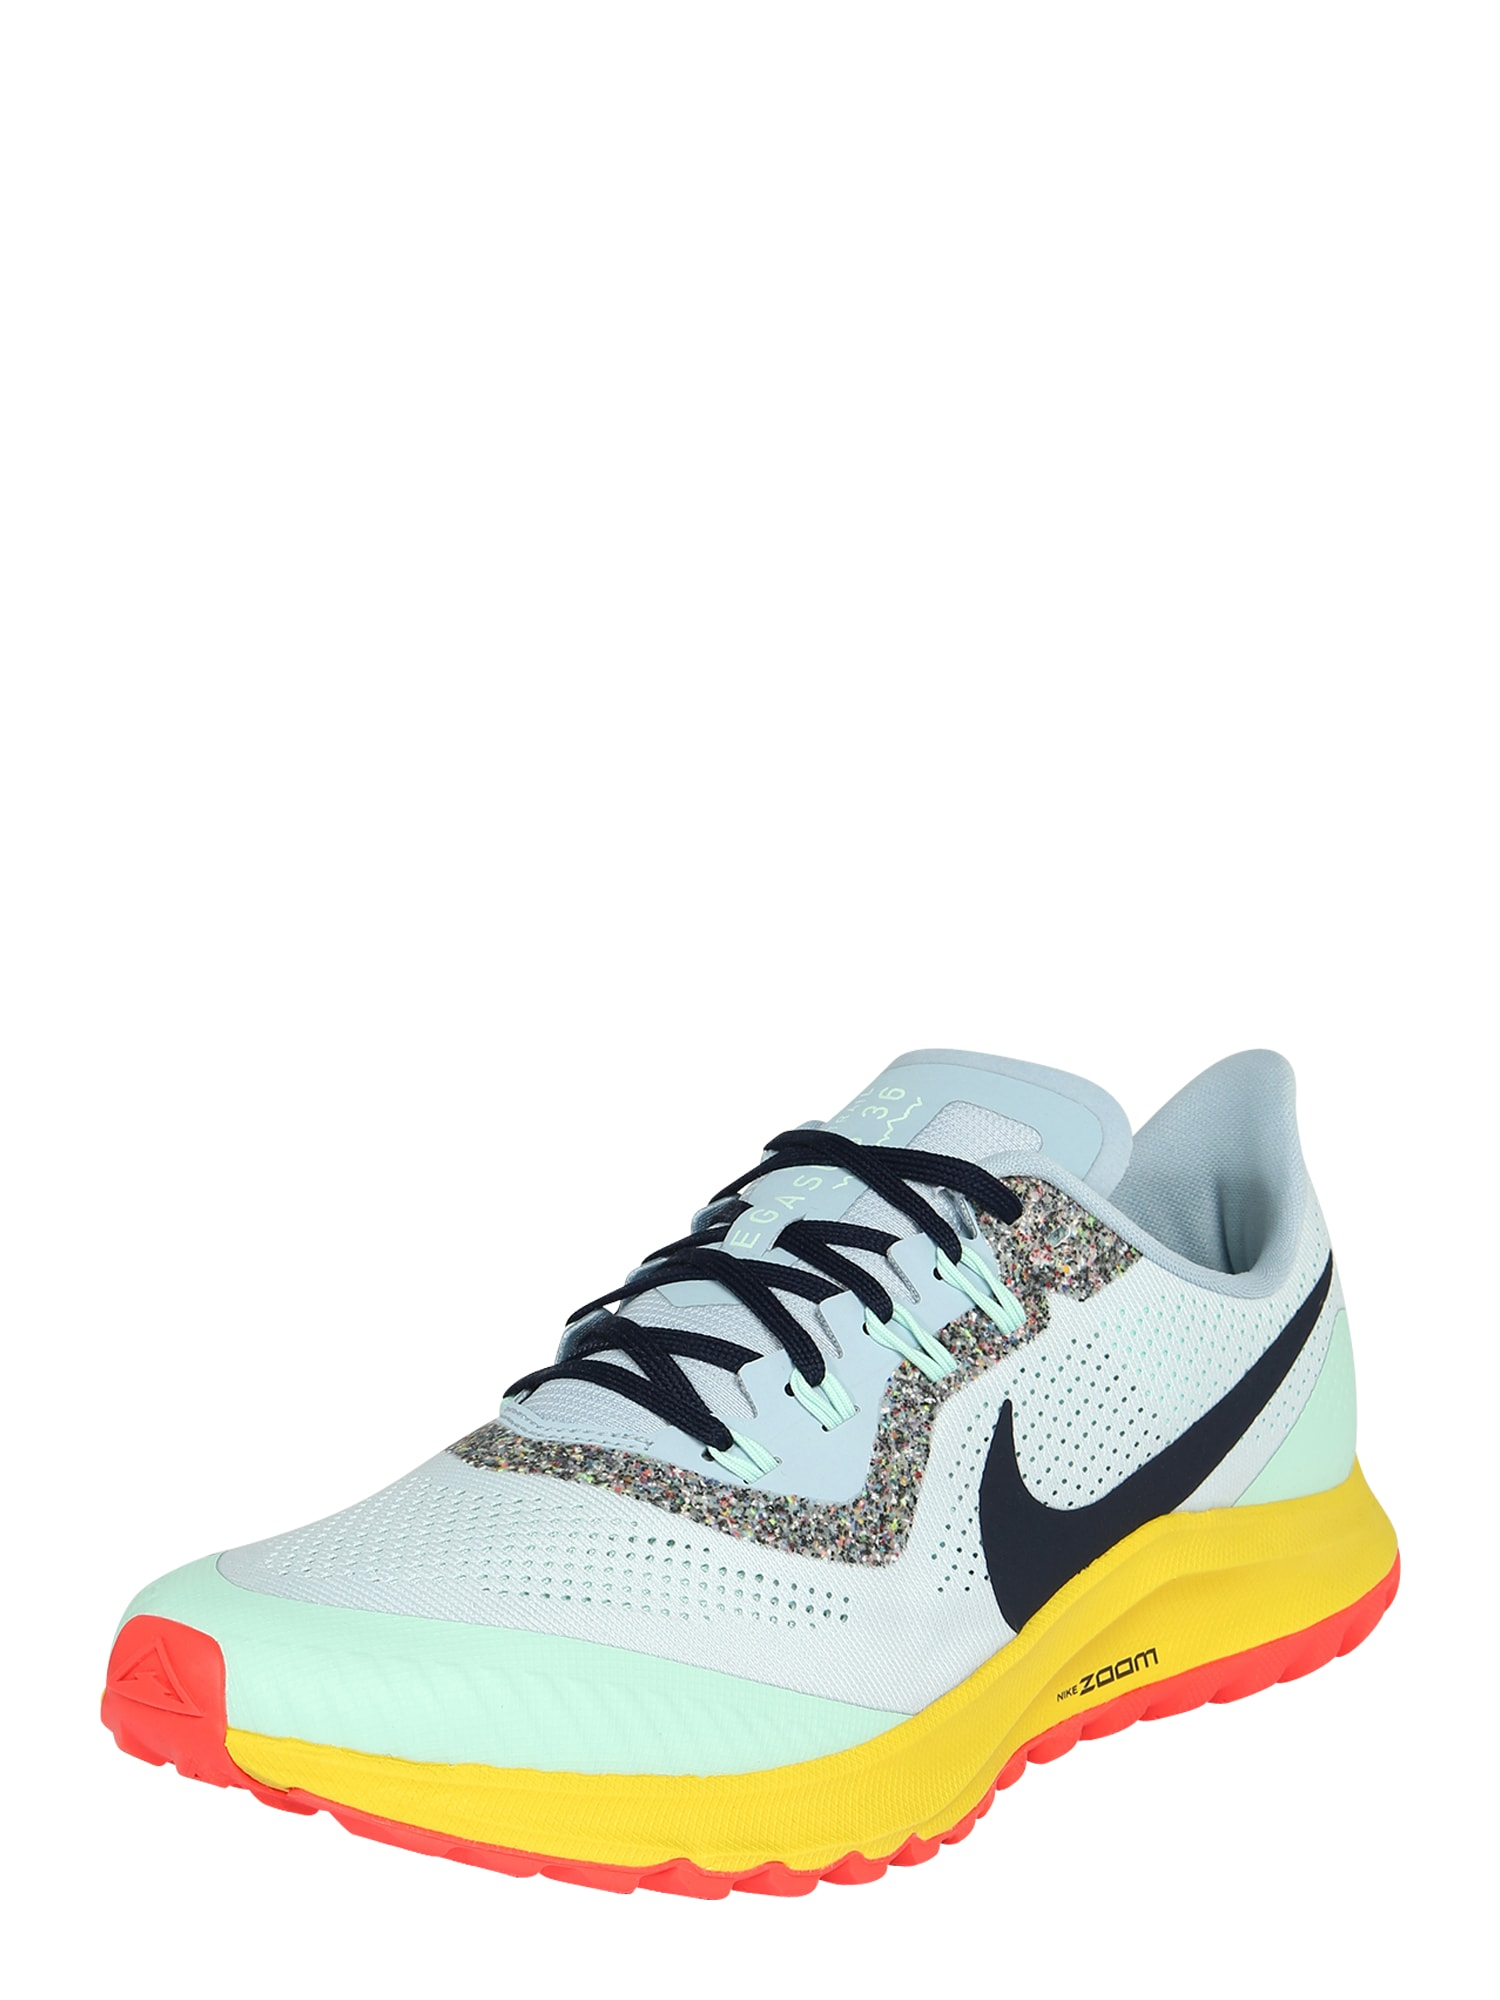 NIKE Bėgimo batai 'AIR ZOOM PEGASUS 36 TRAIL' juoda / šviesiai pilka / šviesiai mėlyna